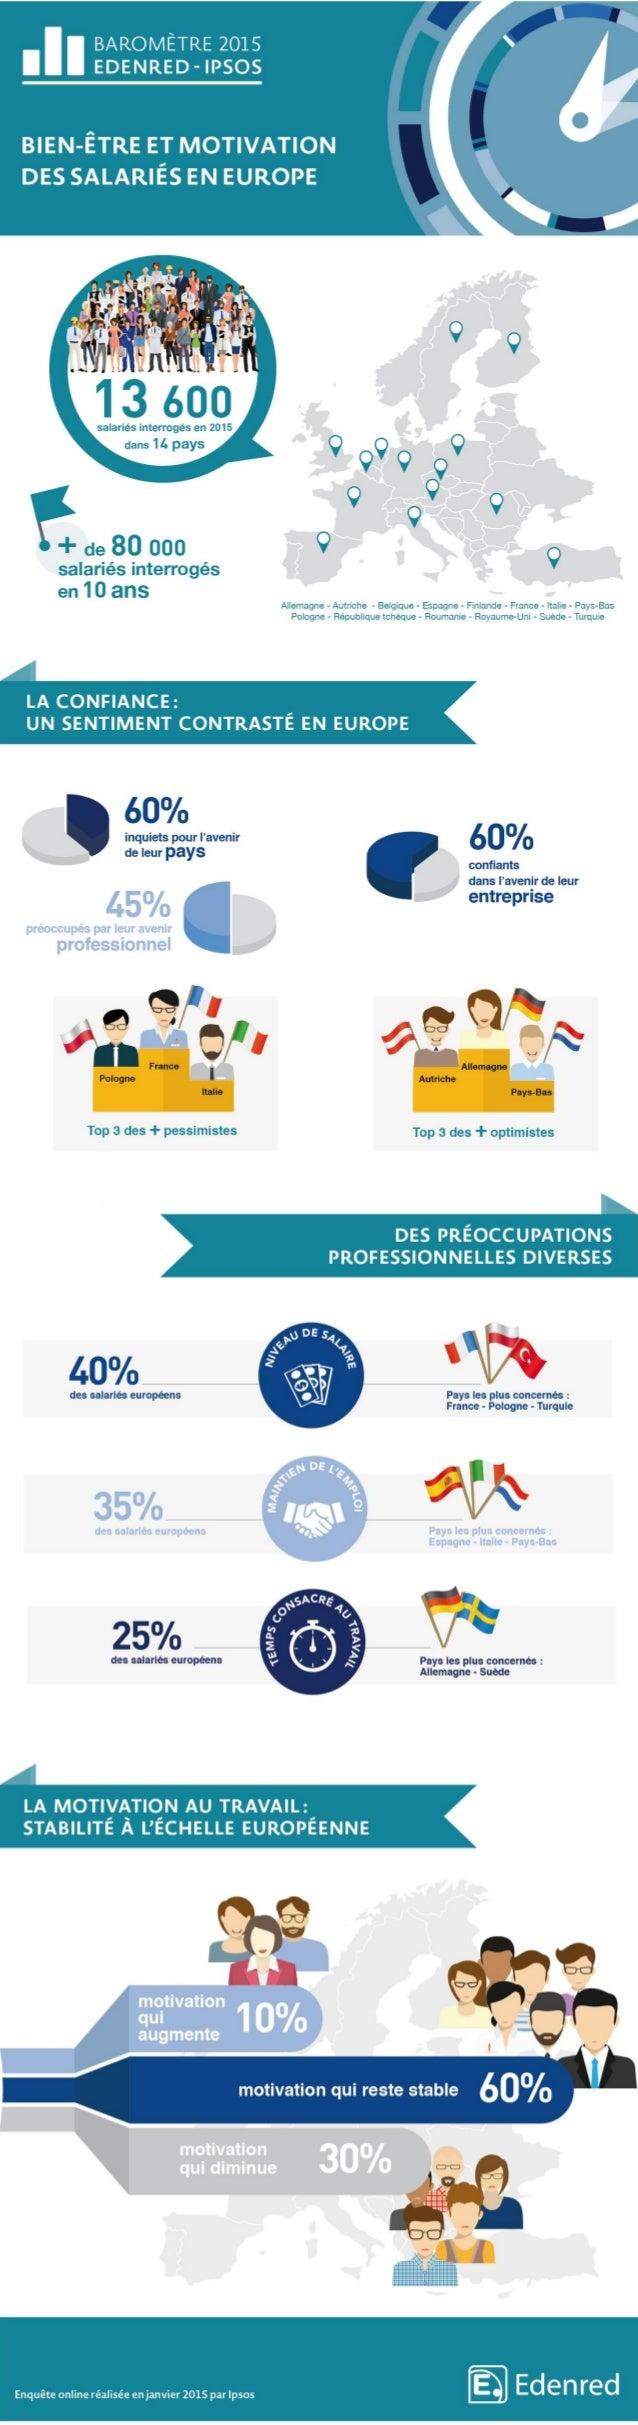 Infographie : Bien être et motivation des salariés en Europe